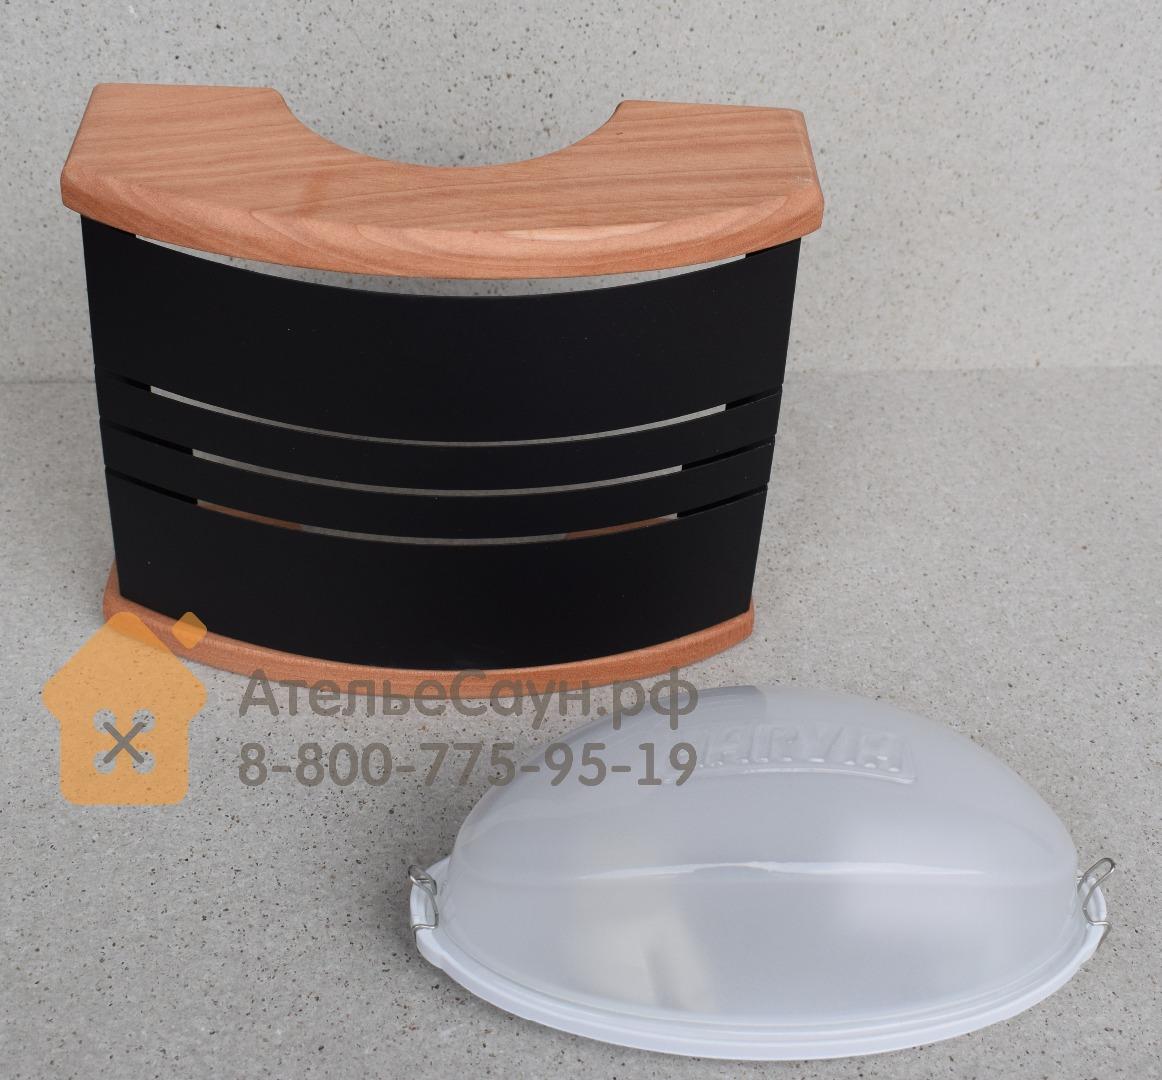 Светильник для сауны Harvia Legend SAS21107 (с ограждением)